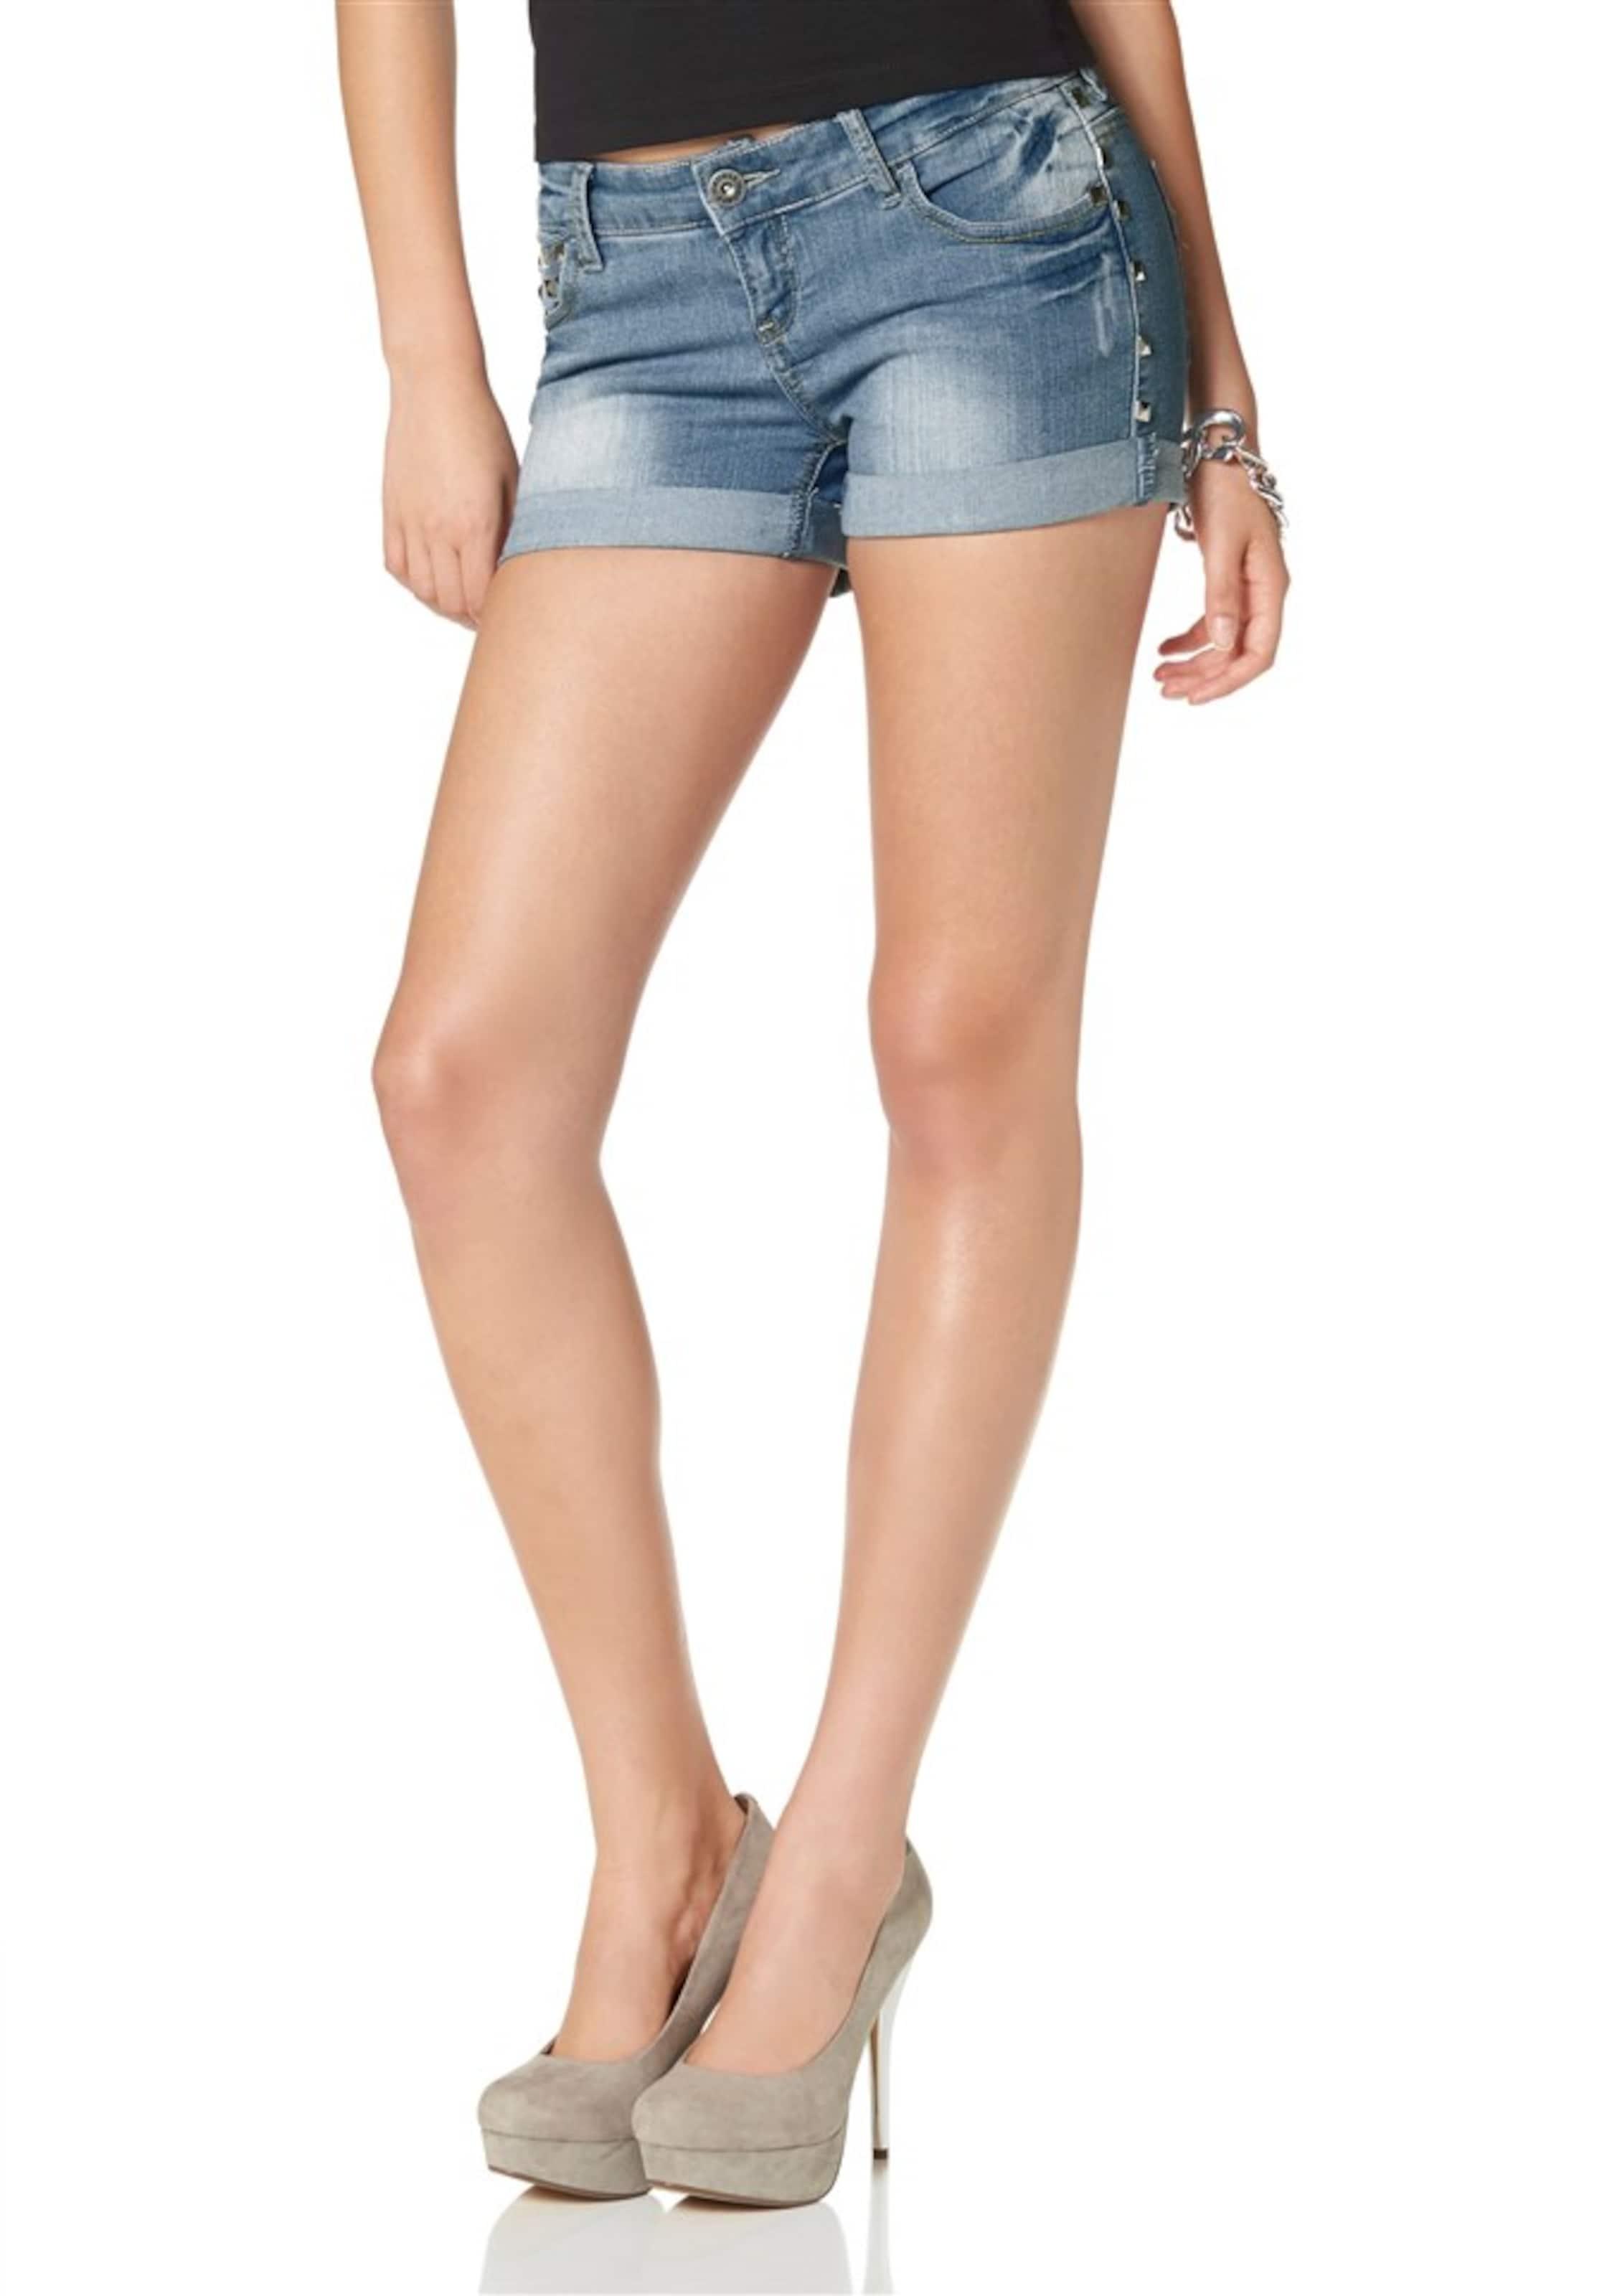 Kaufen Günstig Online MELROSE Jeansshorts Günstigsten Preis Günstig Online Günstig Kaufen Auslassstellen hxRjhAbzS